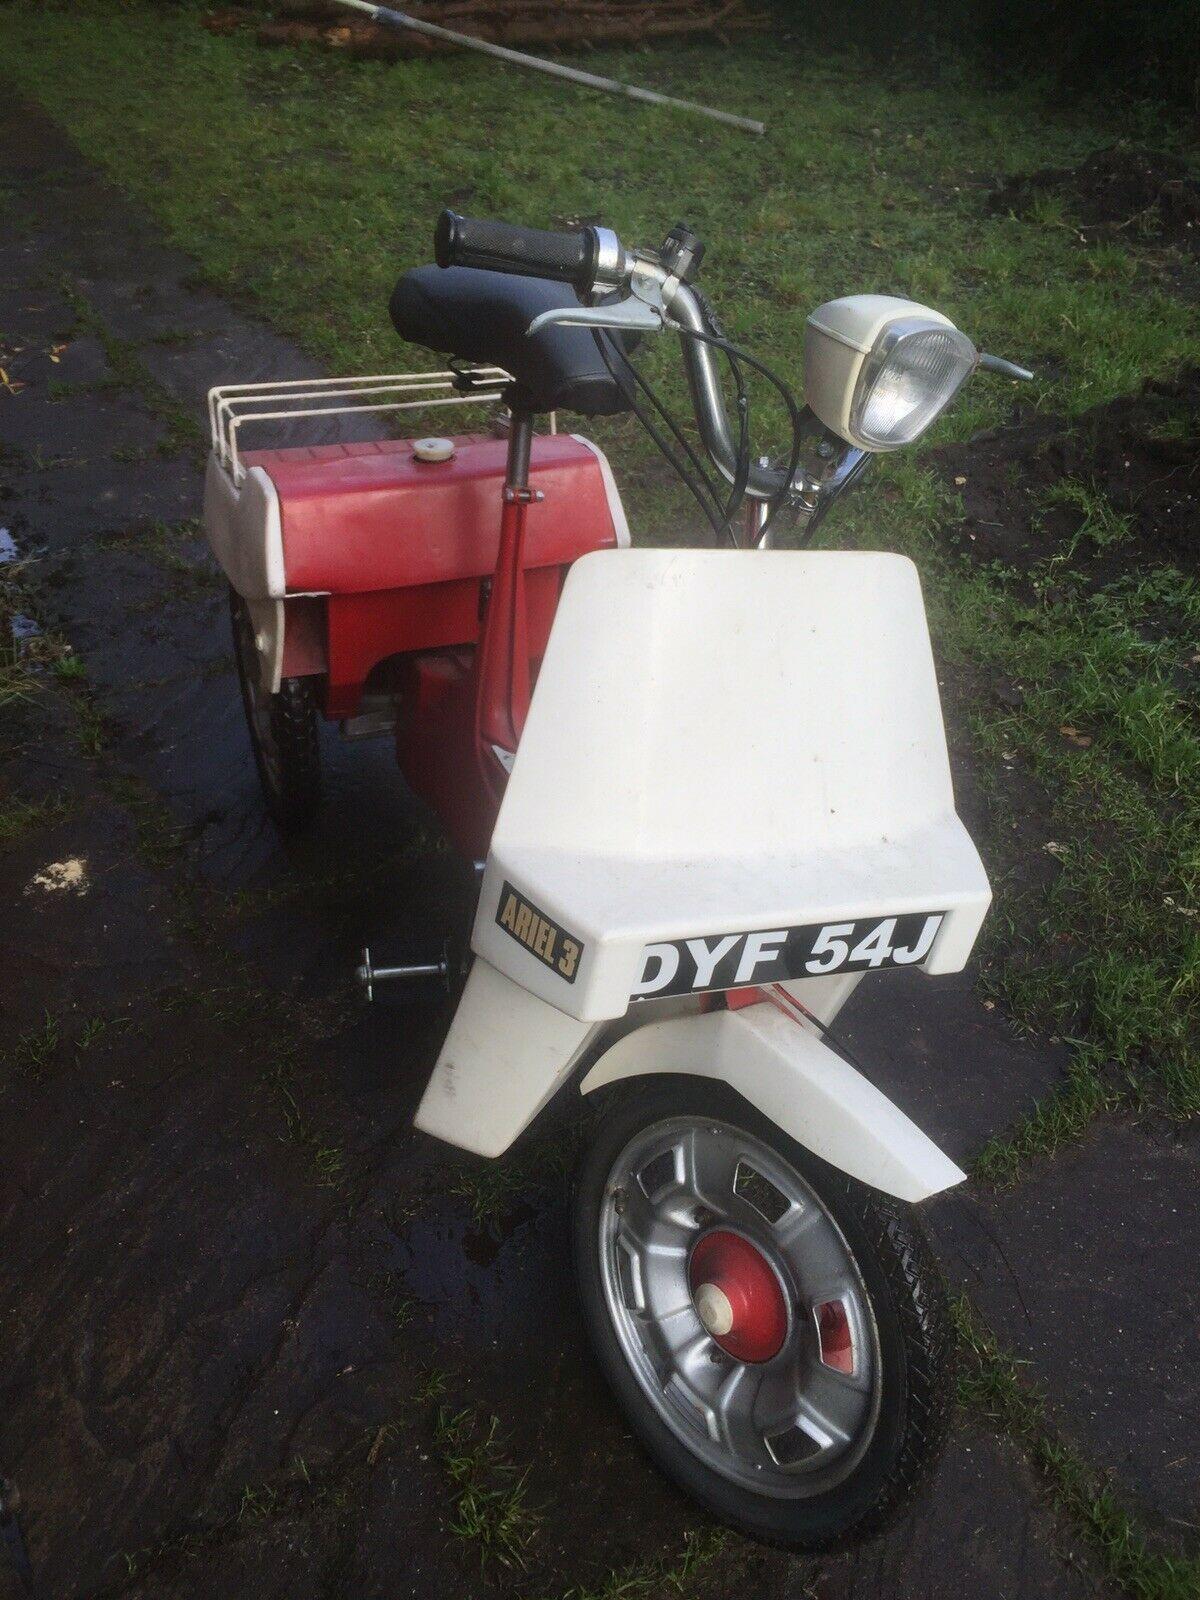 DYF 54 J